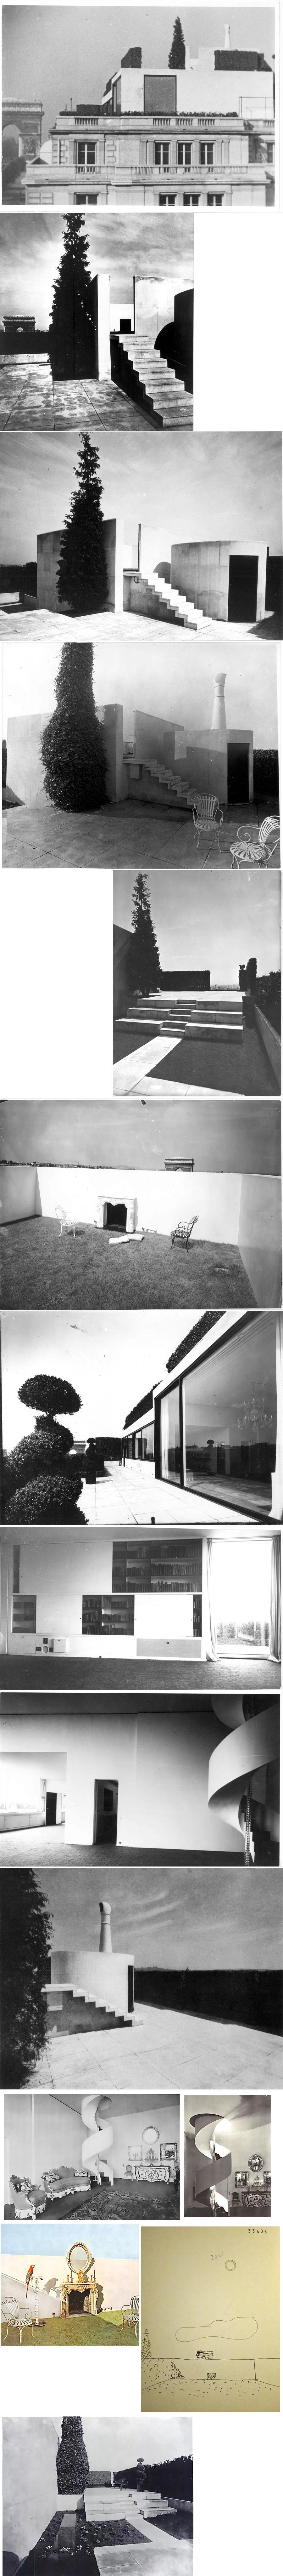 L'appartement-terrasse de Charles de Beistegui par Le Corbusier. 1929